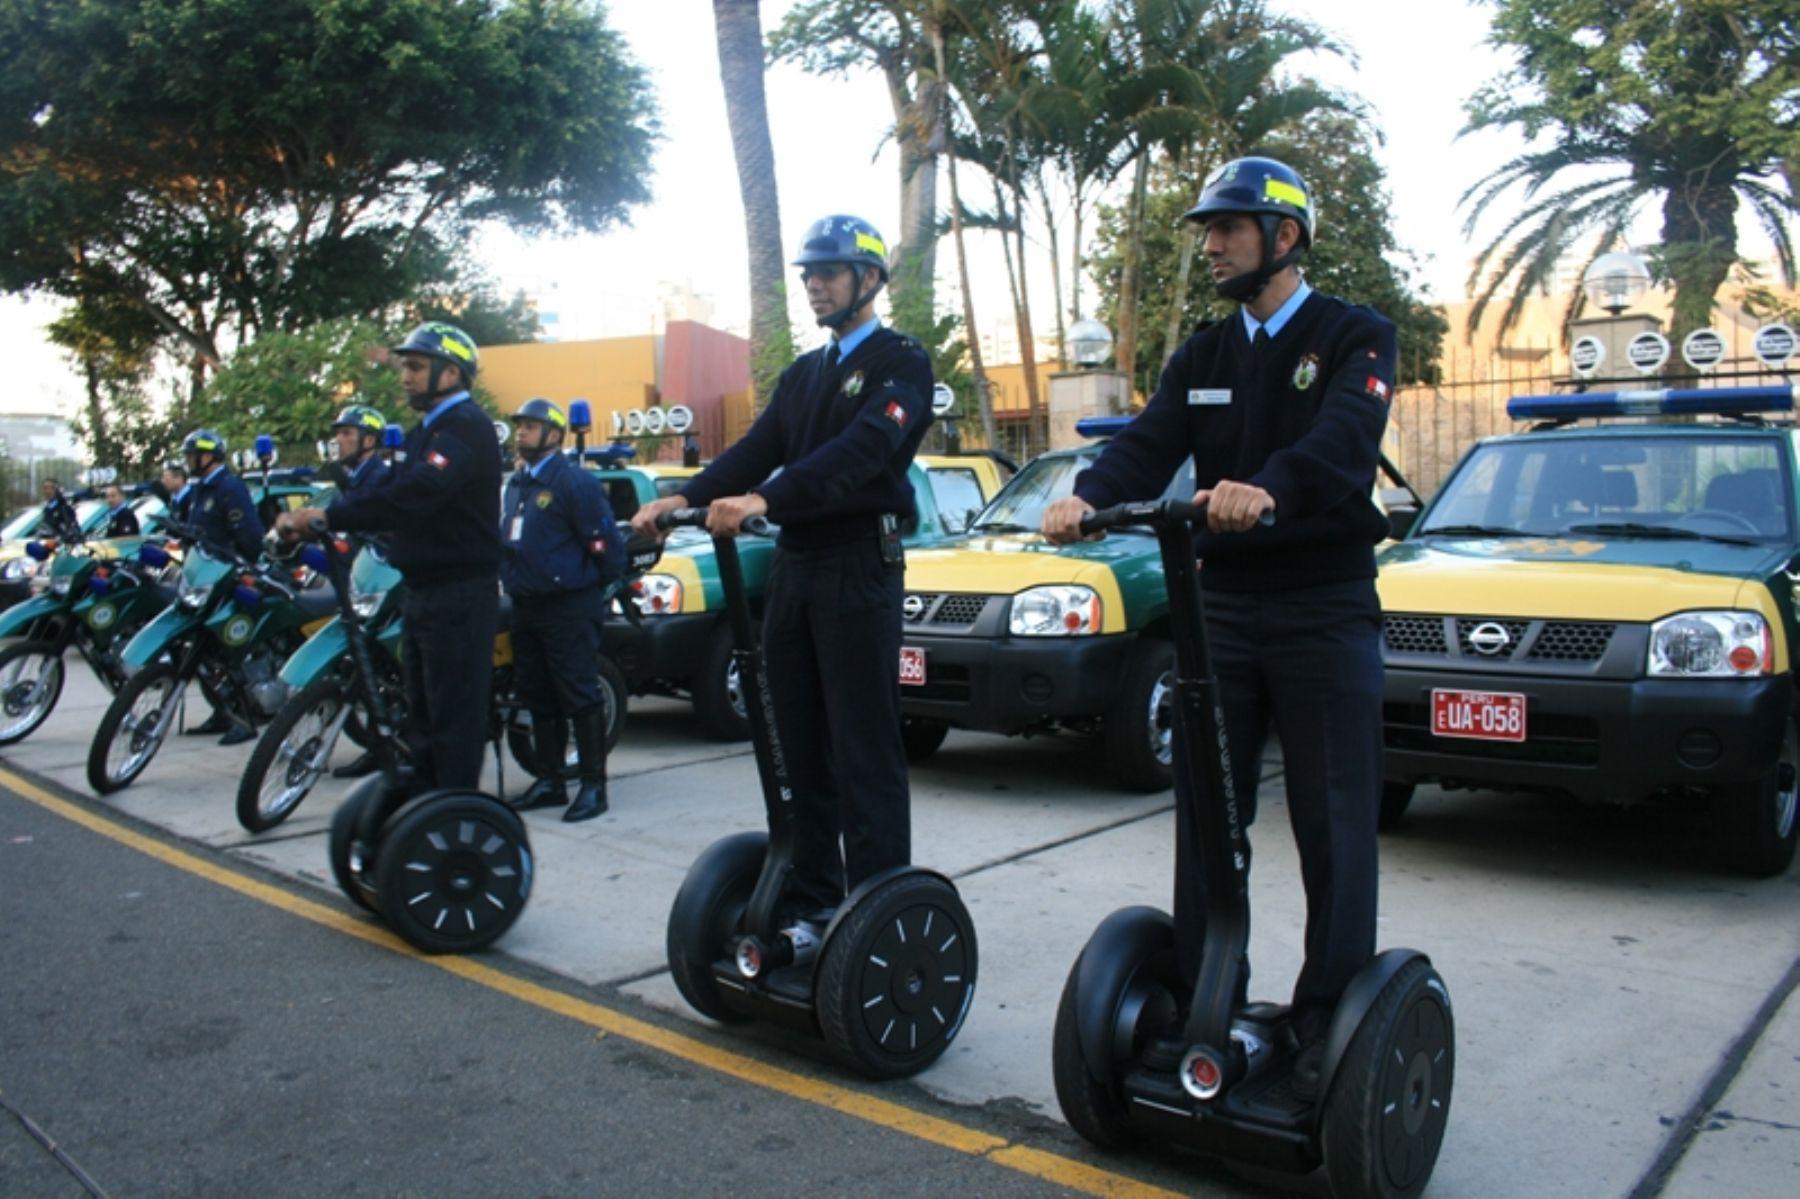 """Nueva flota vehicular incluye los monopatines motorizados tipo """"Segway"""" para fortalecer patrullaje y vigilancia en San Isidro. Foto: Municipalidad de San Isidro."""